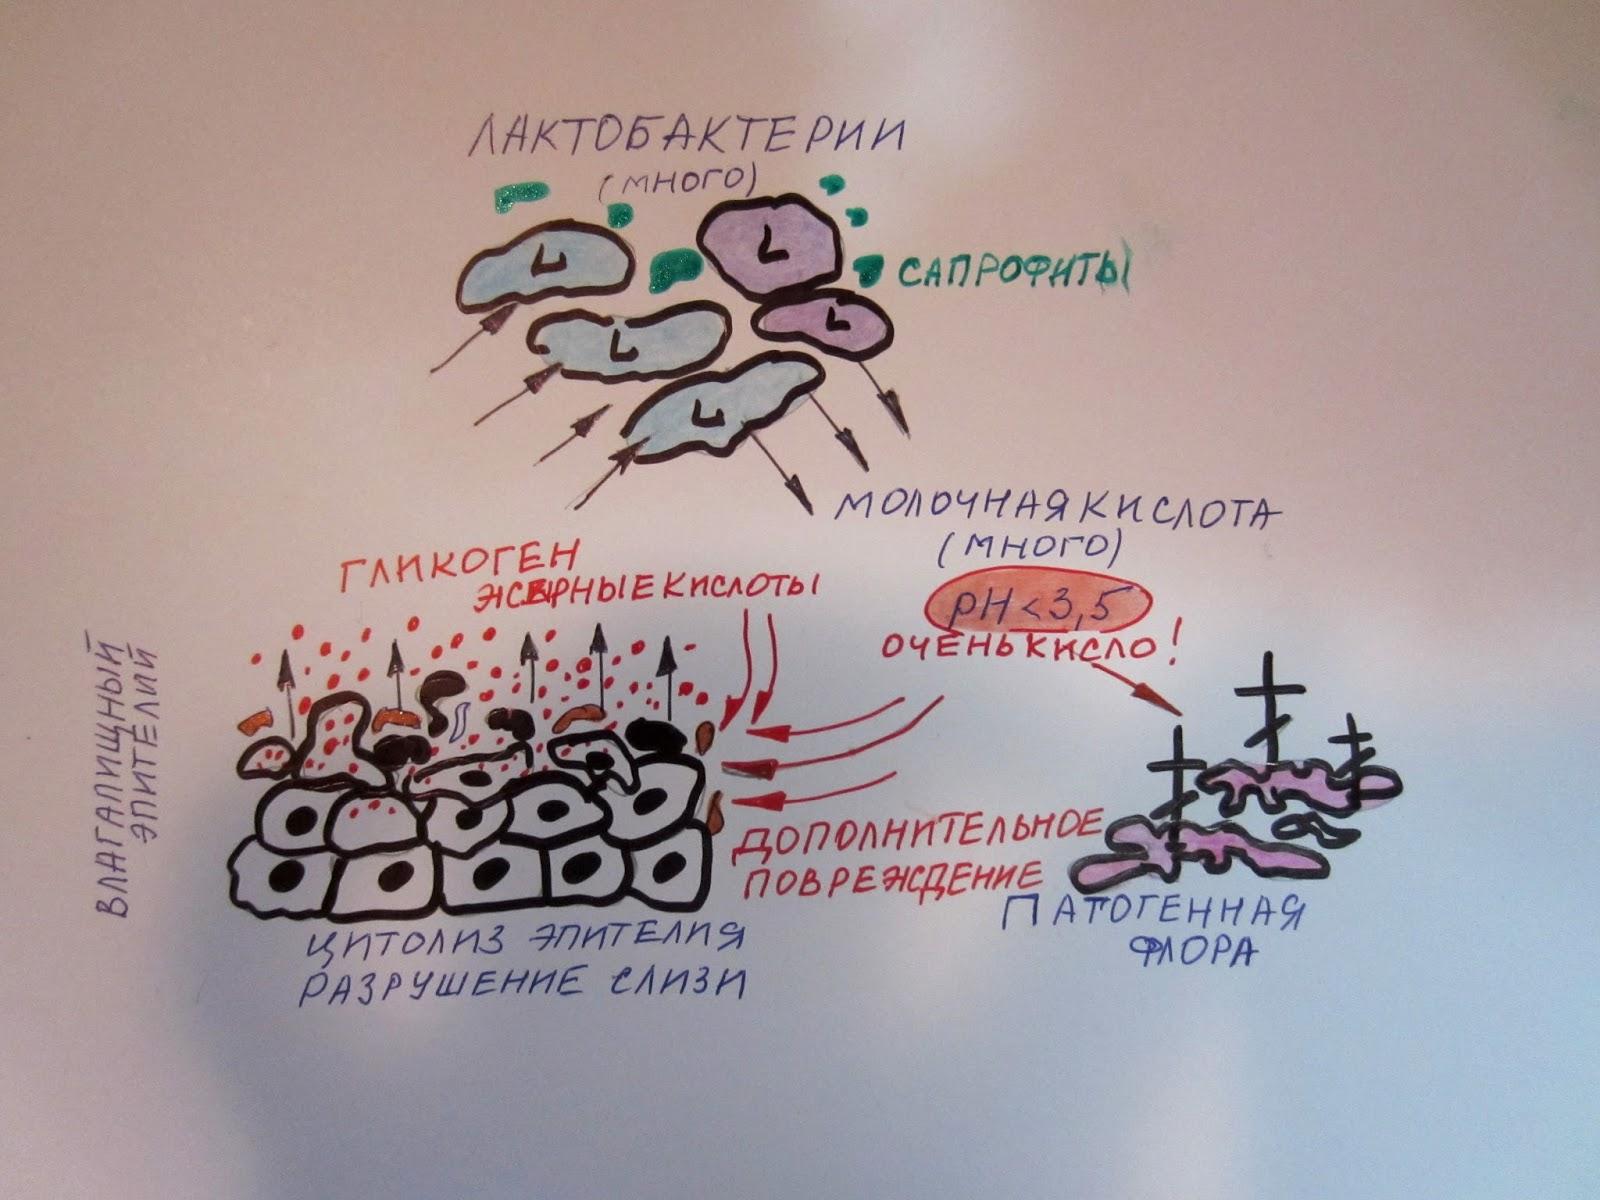 Отслойка плаценты и оргазм клиторальный